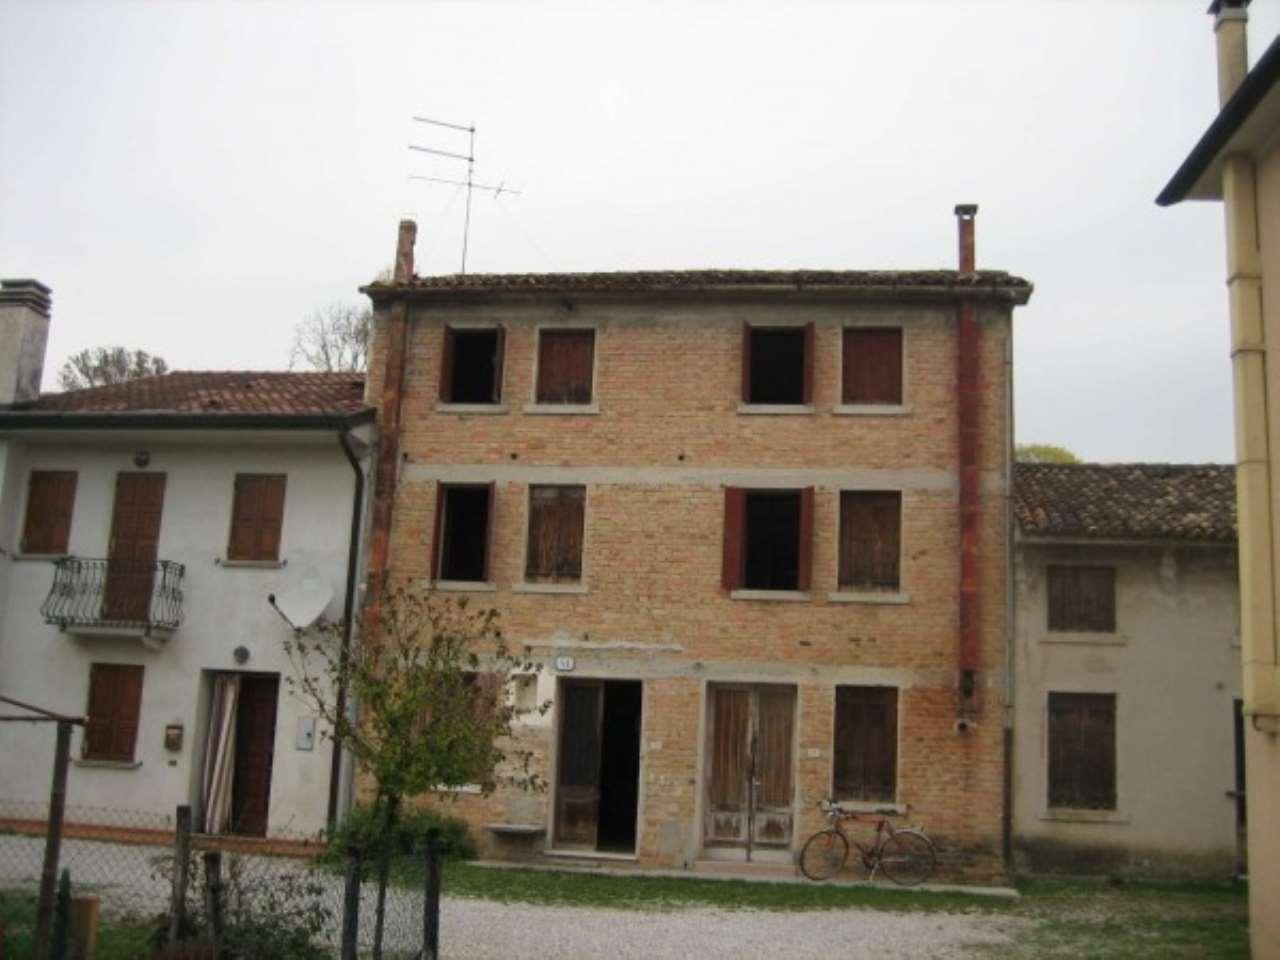 Soluzione Indipendente in vendita a Cordignano, 9999 locali, prezzo € 45.000 | CambioCasa.it